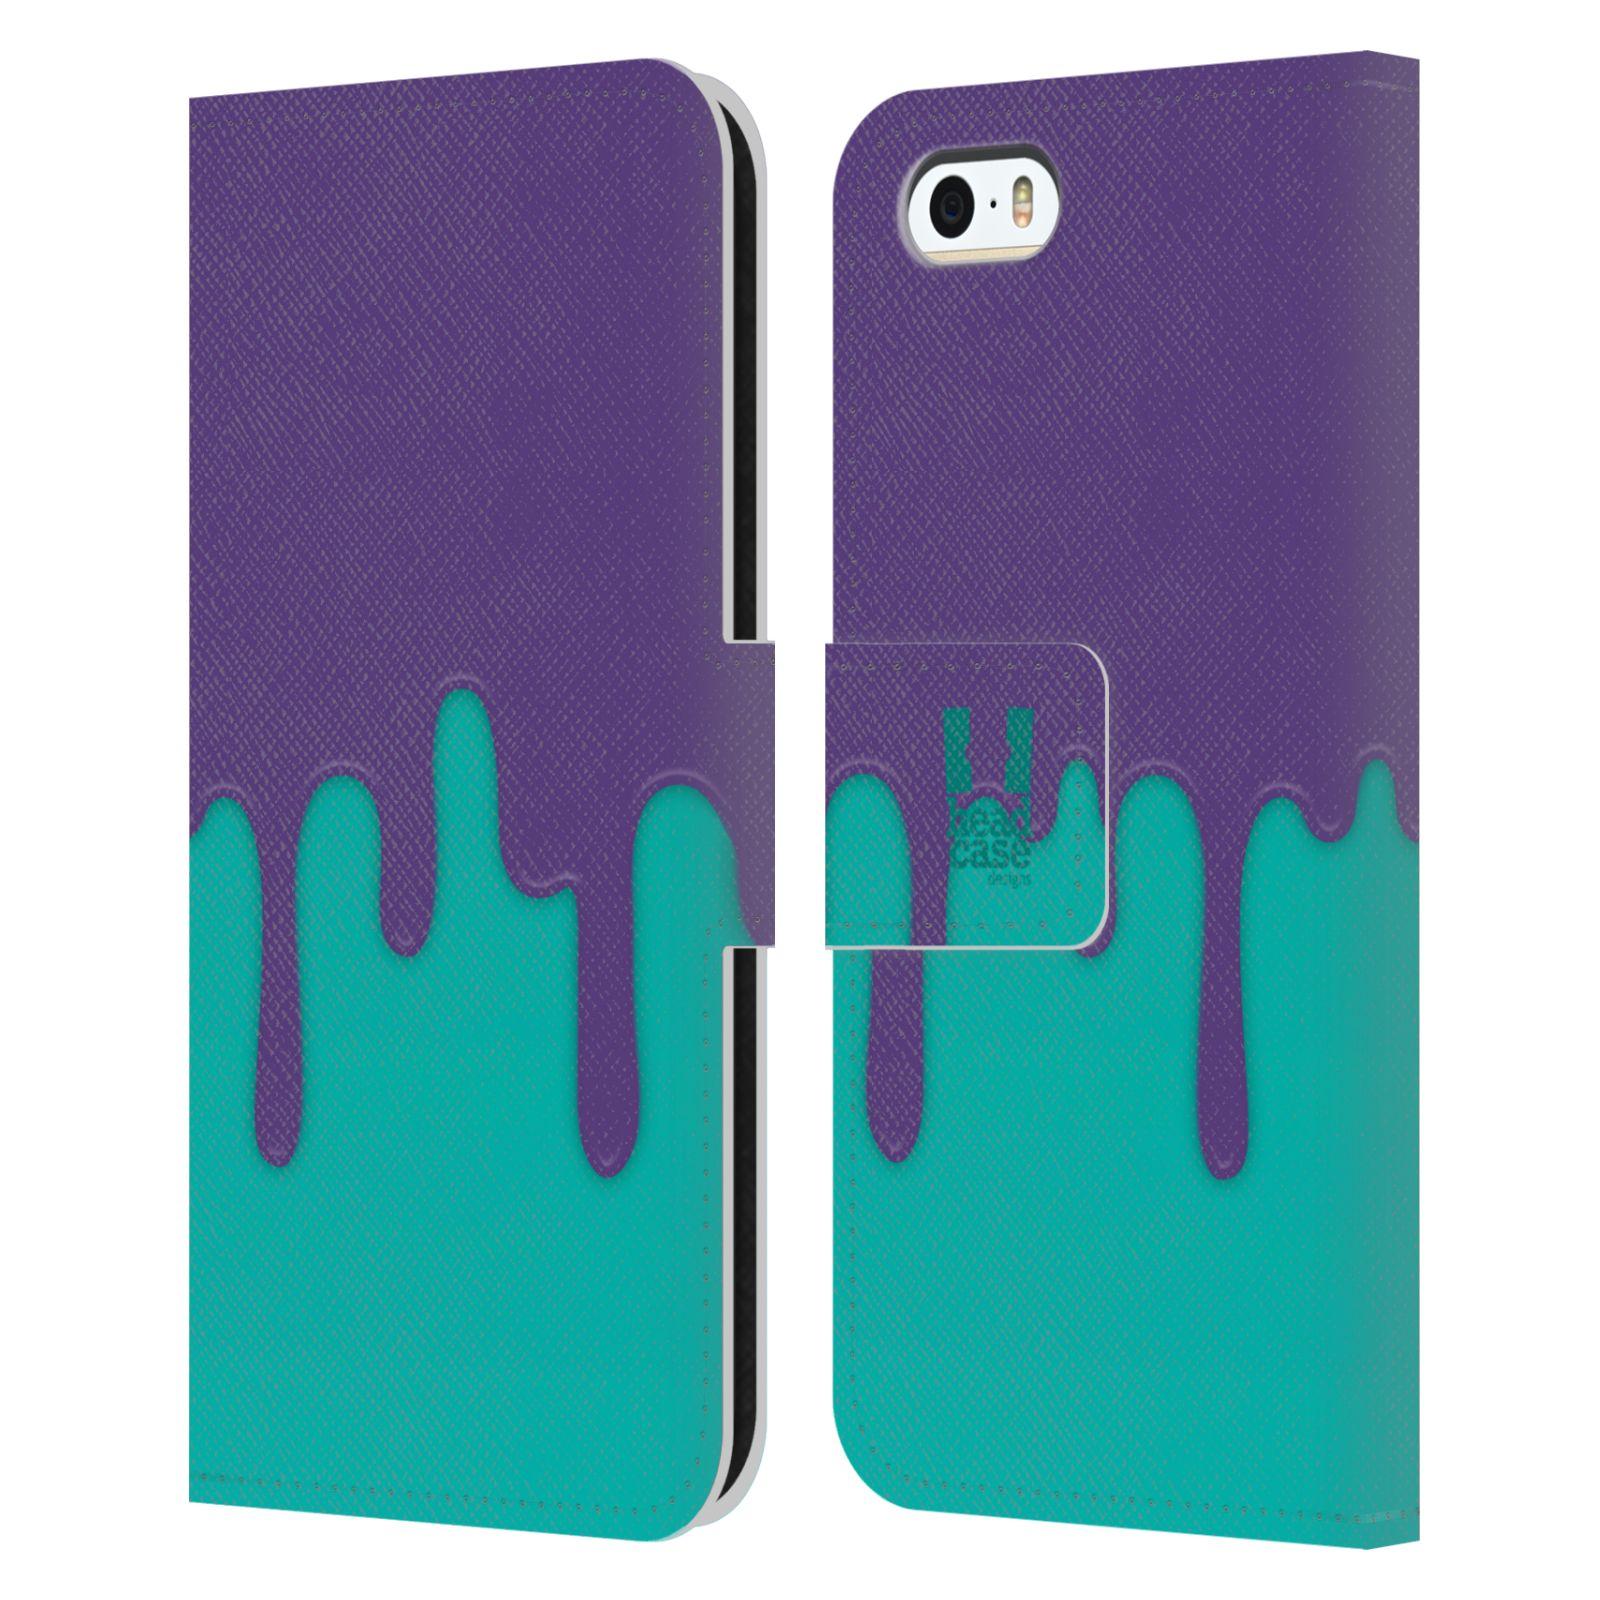 HEAD CASE Flipové pouzdro pro mobil Apple Iphone 5/5s Rozlitá barva fialová a tyrkysová